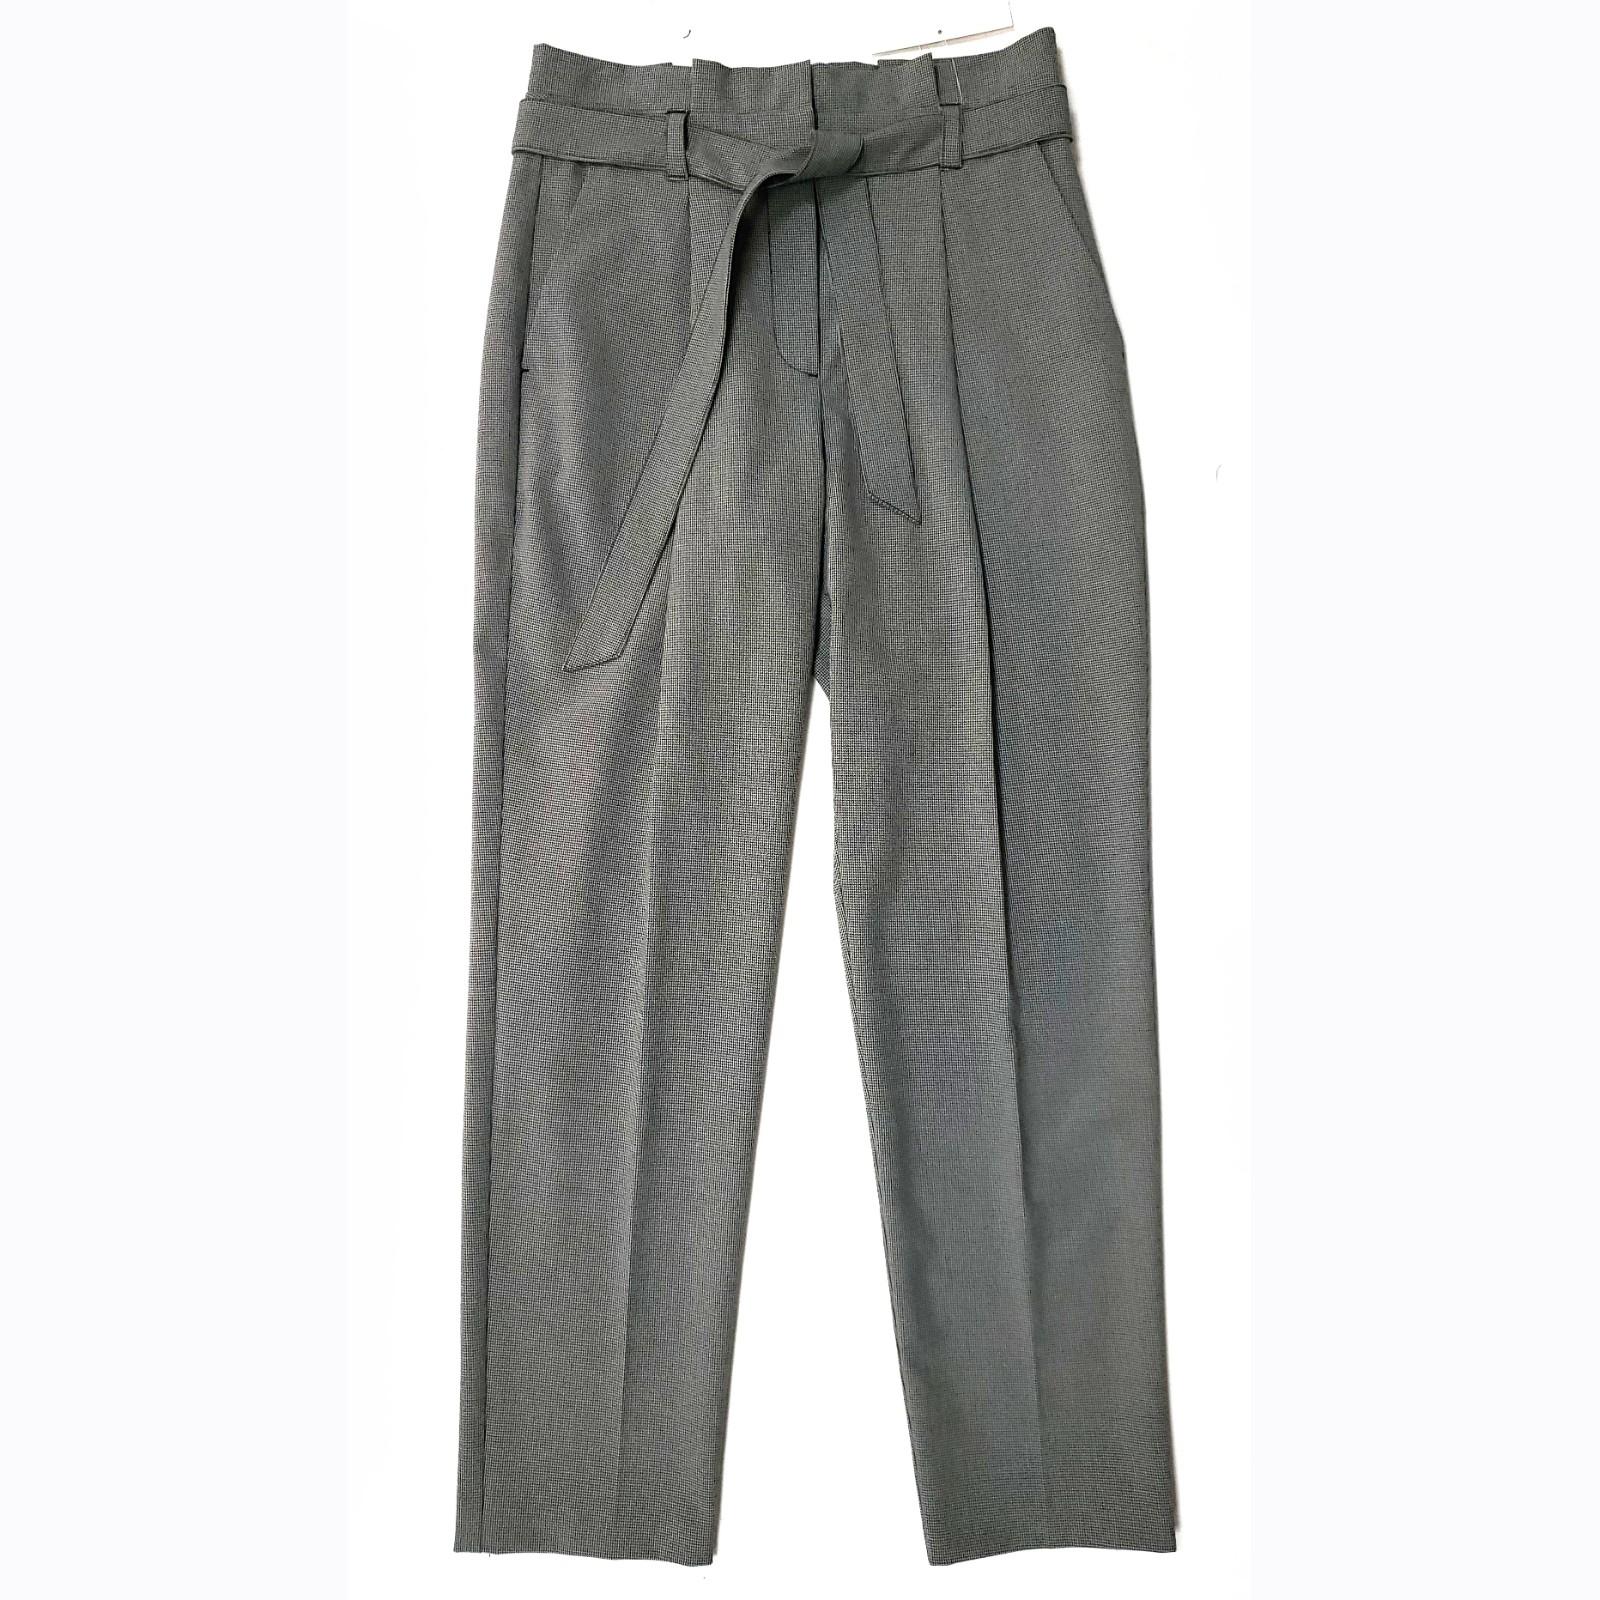 PIED DE POULE PANTS FOR LADIES